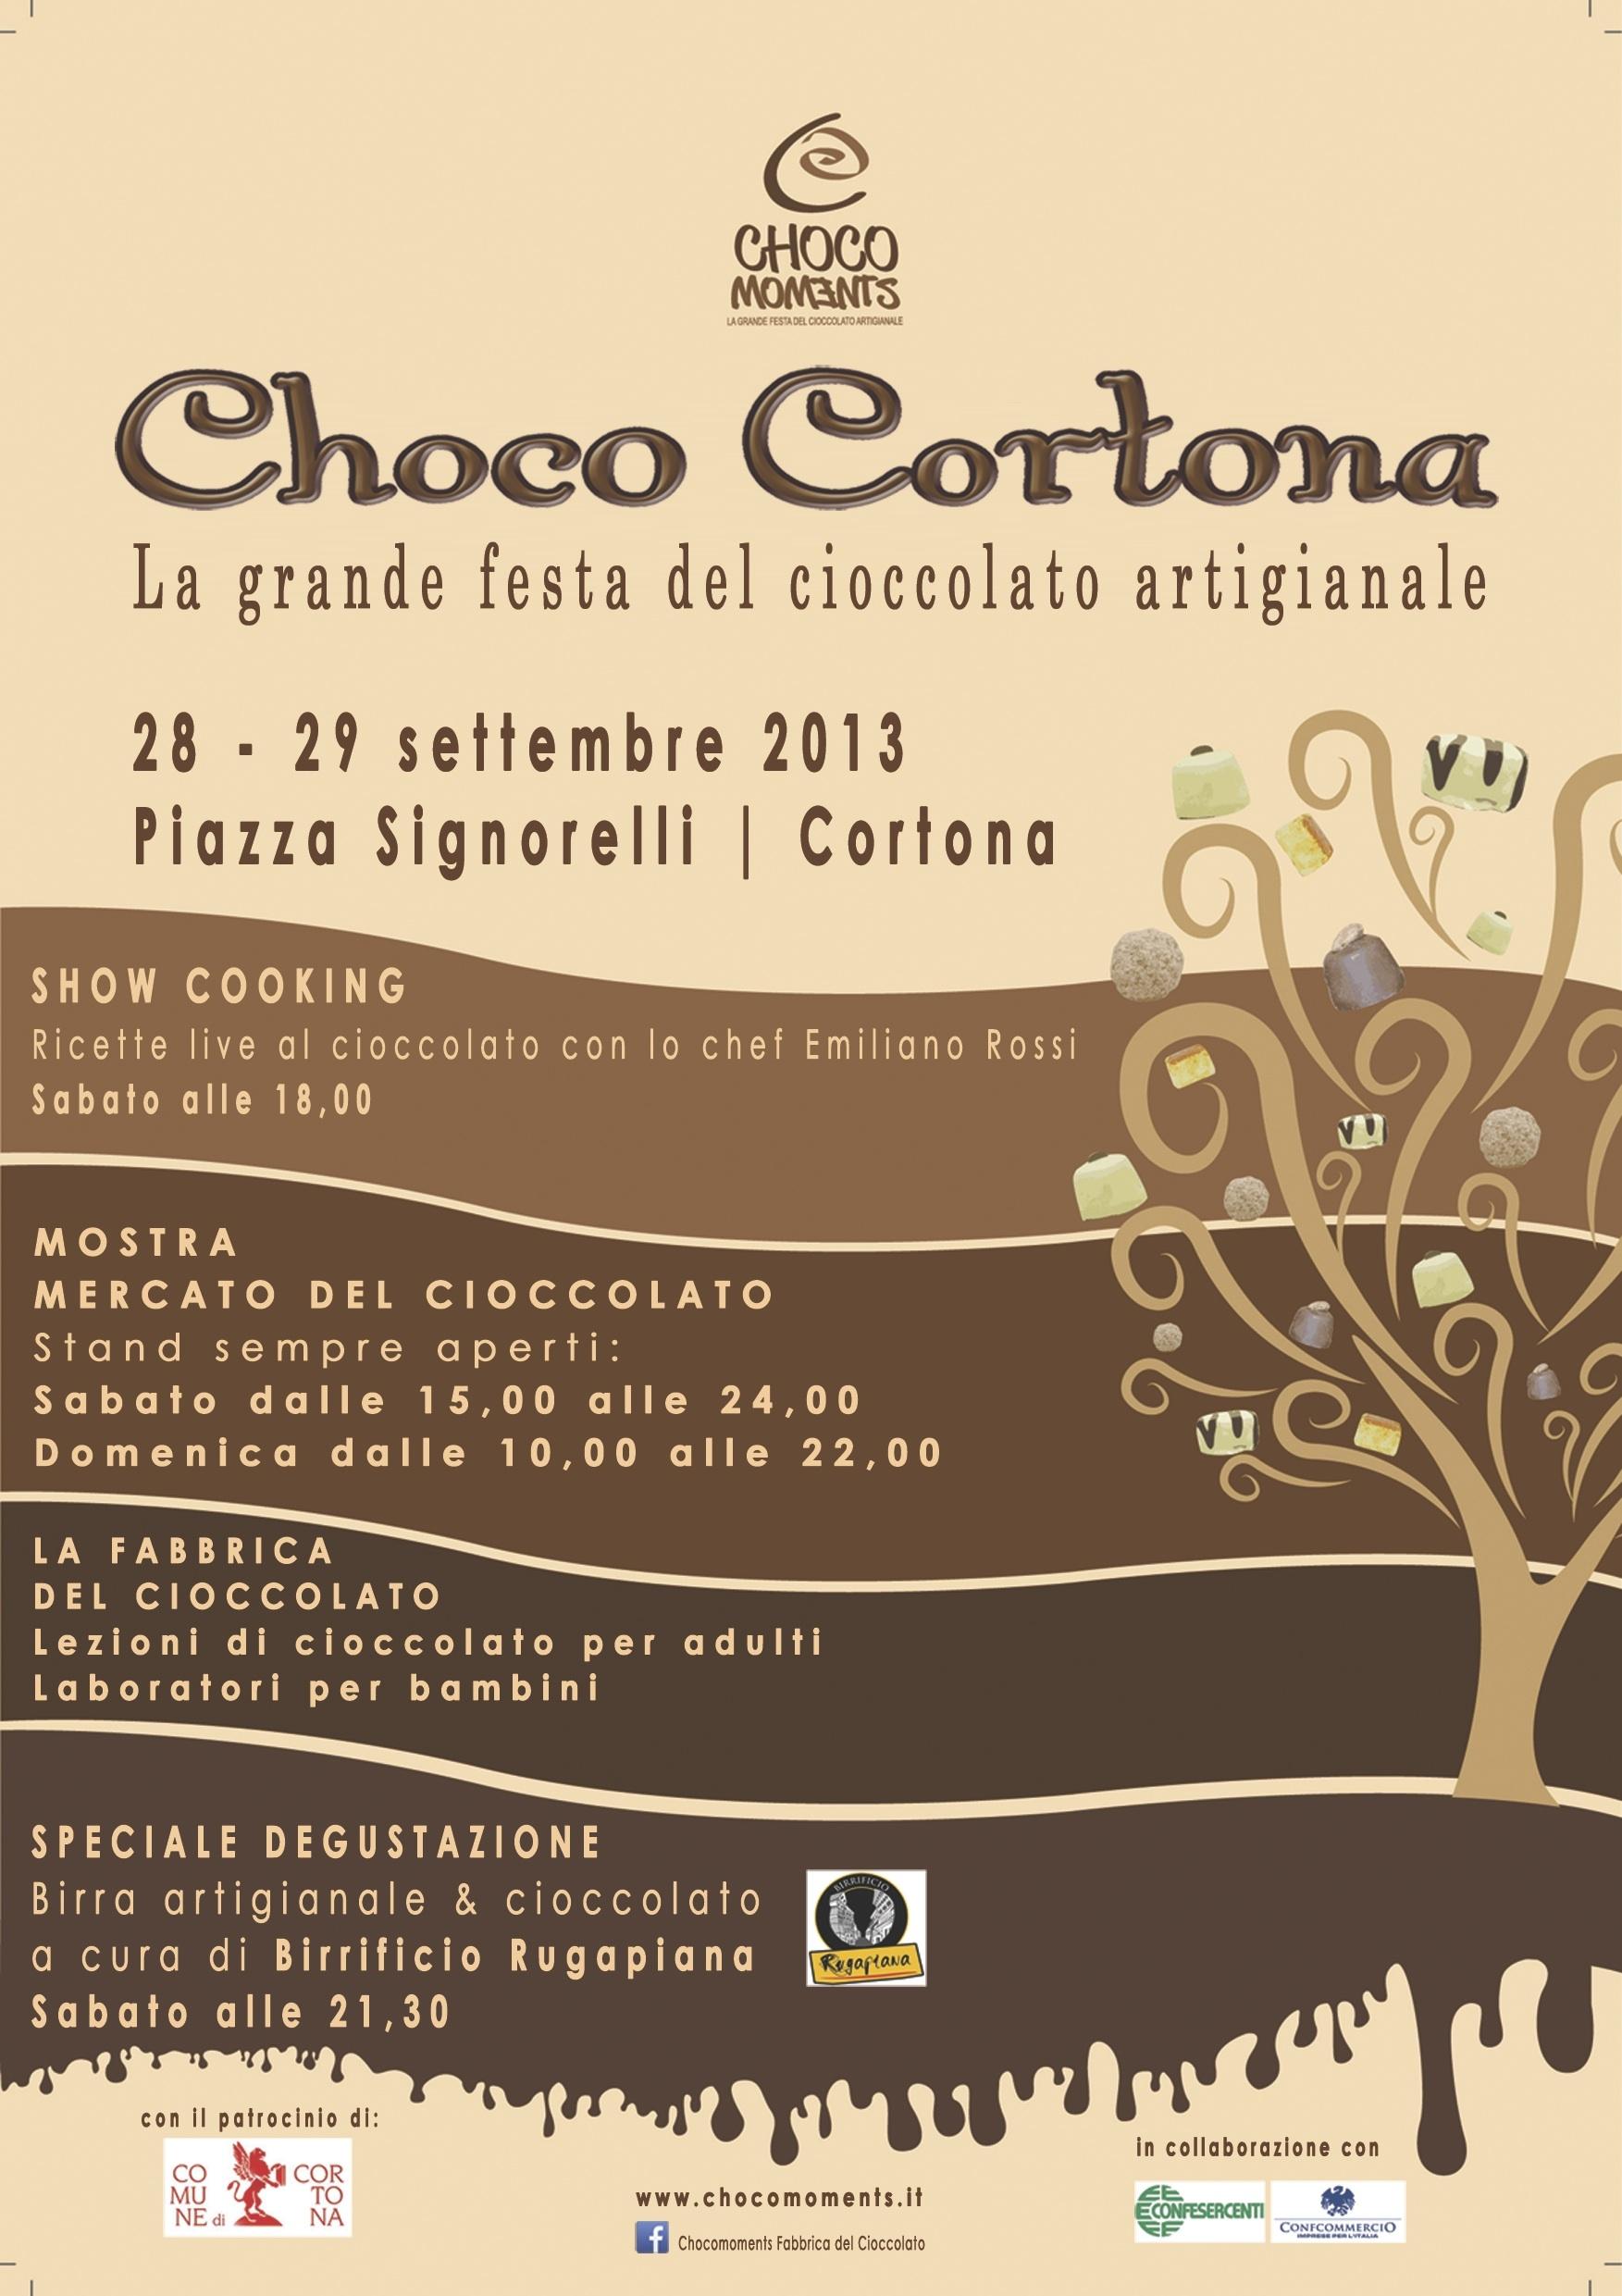 Arriva Choco Cortona, il cioccolato artigianale protagonista